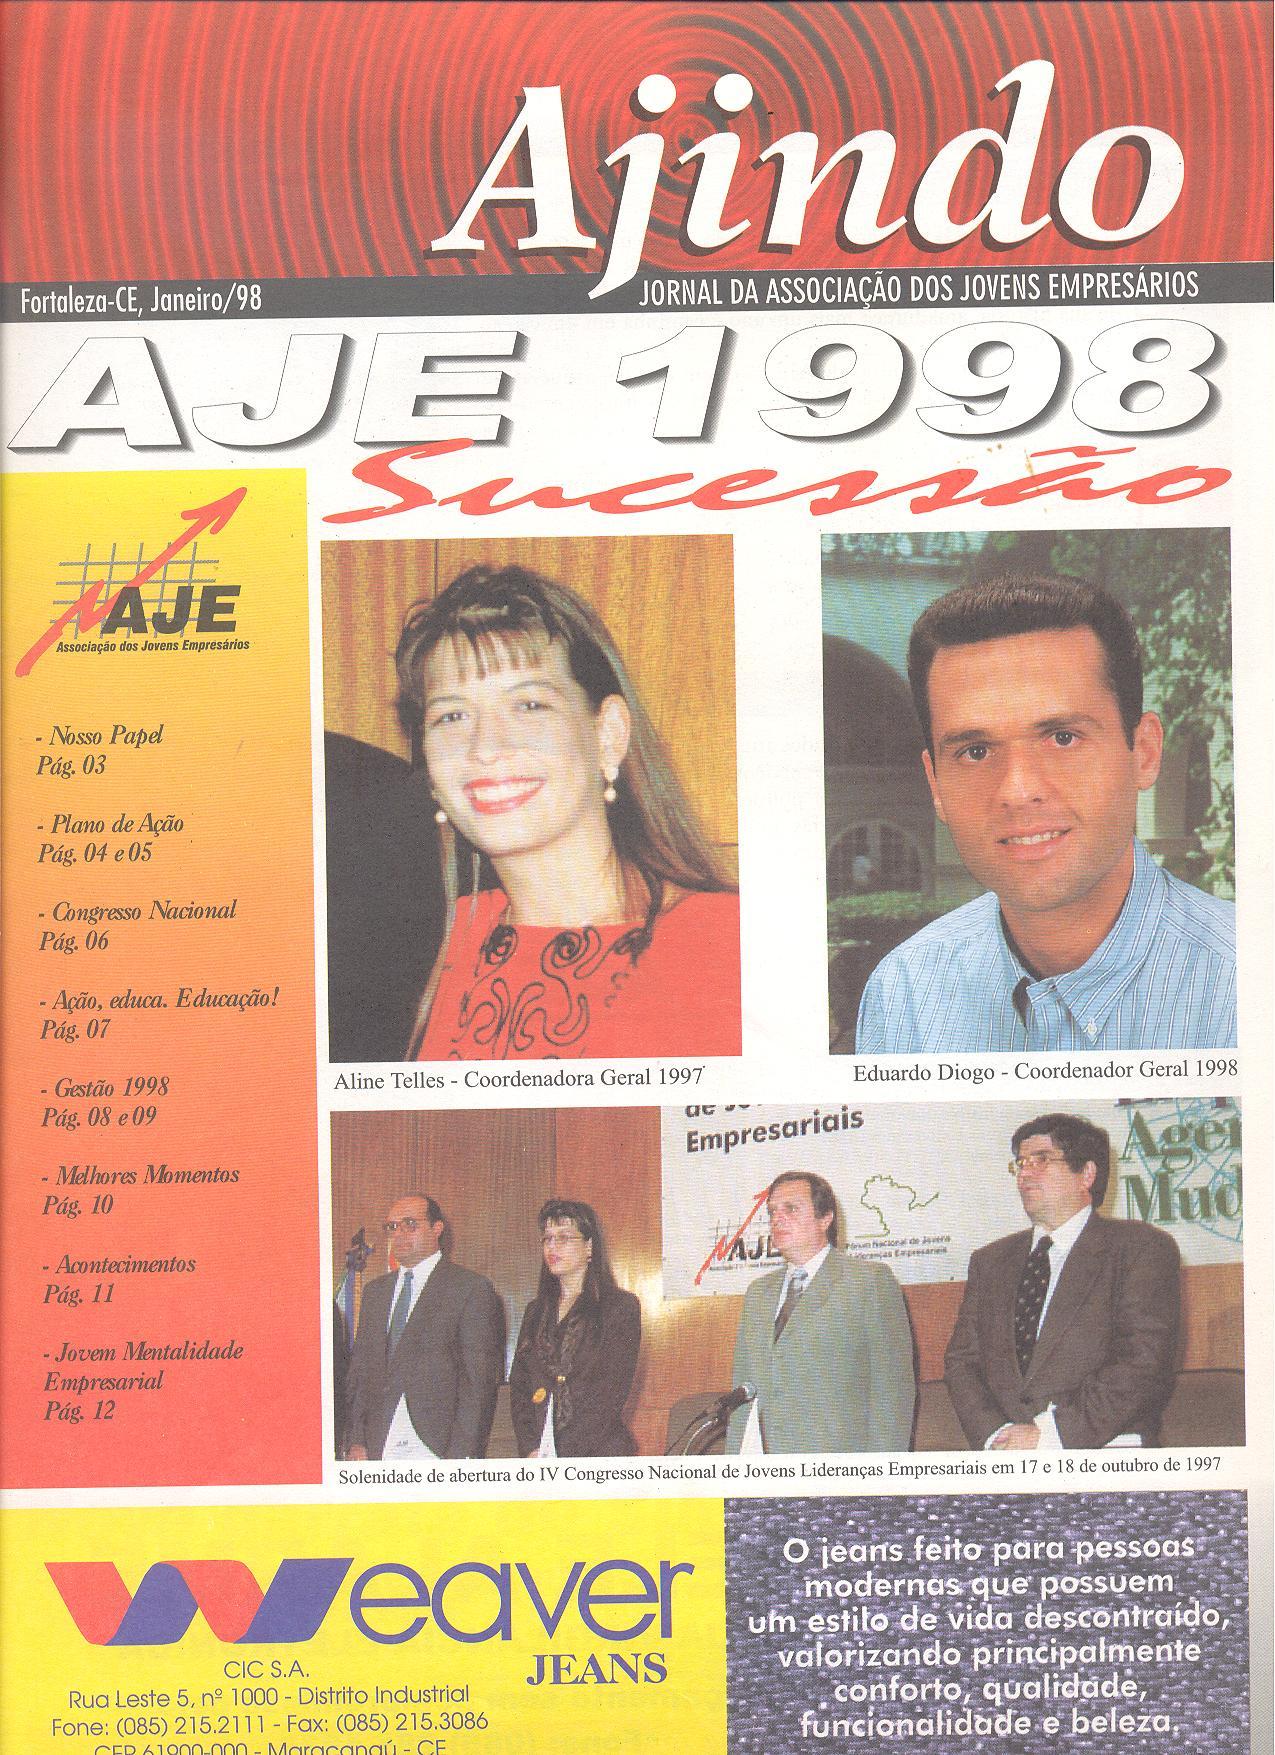 Informativo Ajindo da AJE Fortaleza sobre a Sucessão 1998